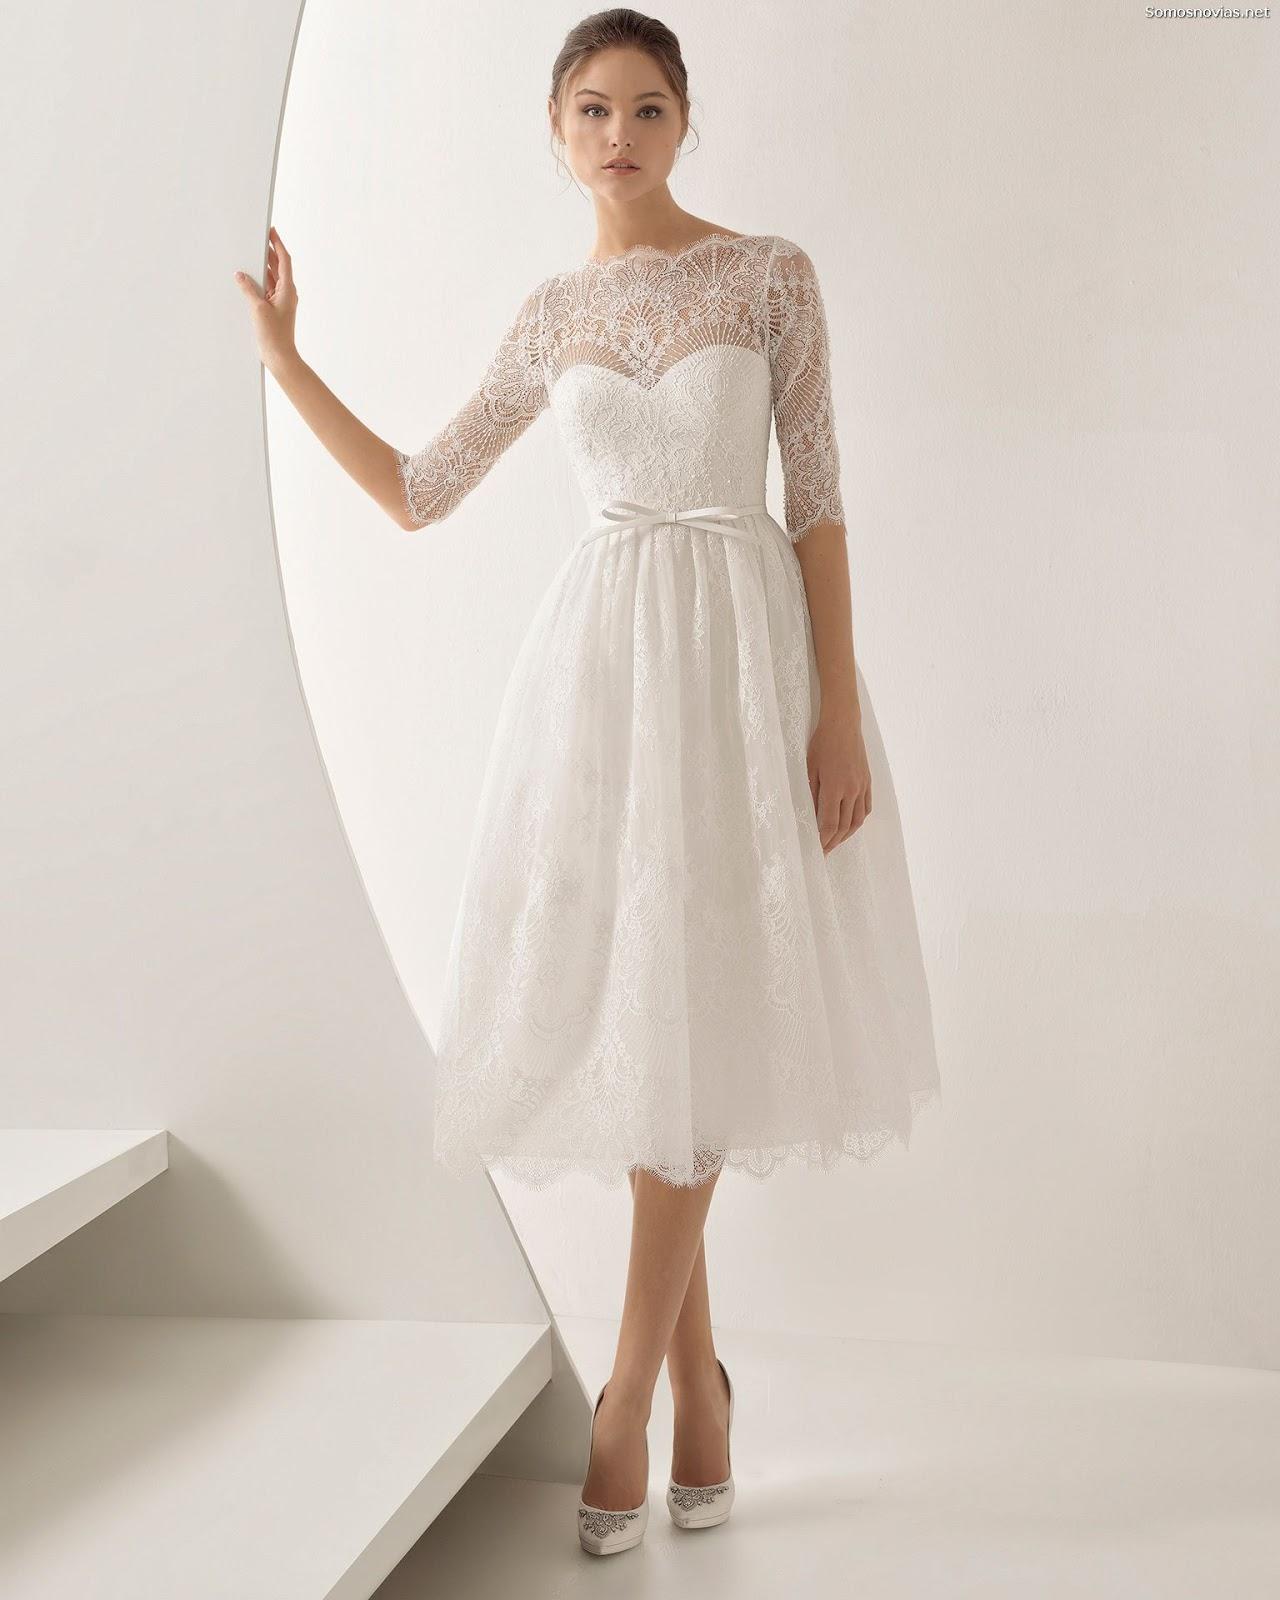 Vestidos de novia vintage zaragoza